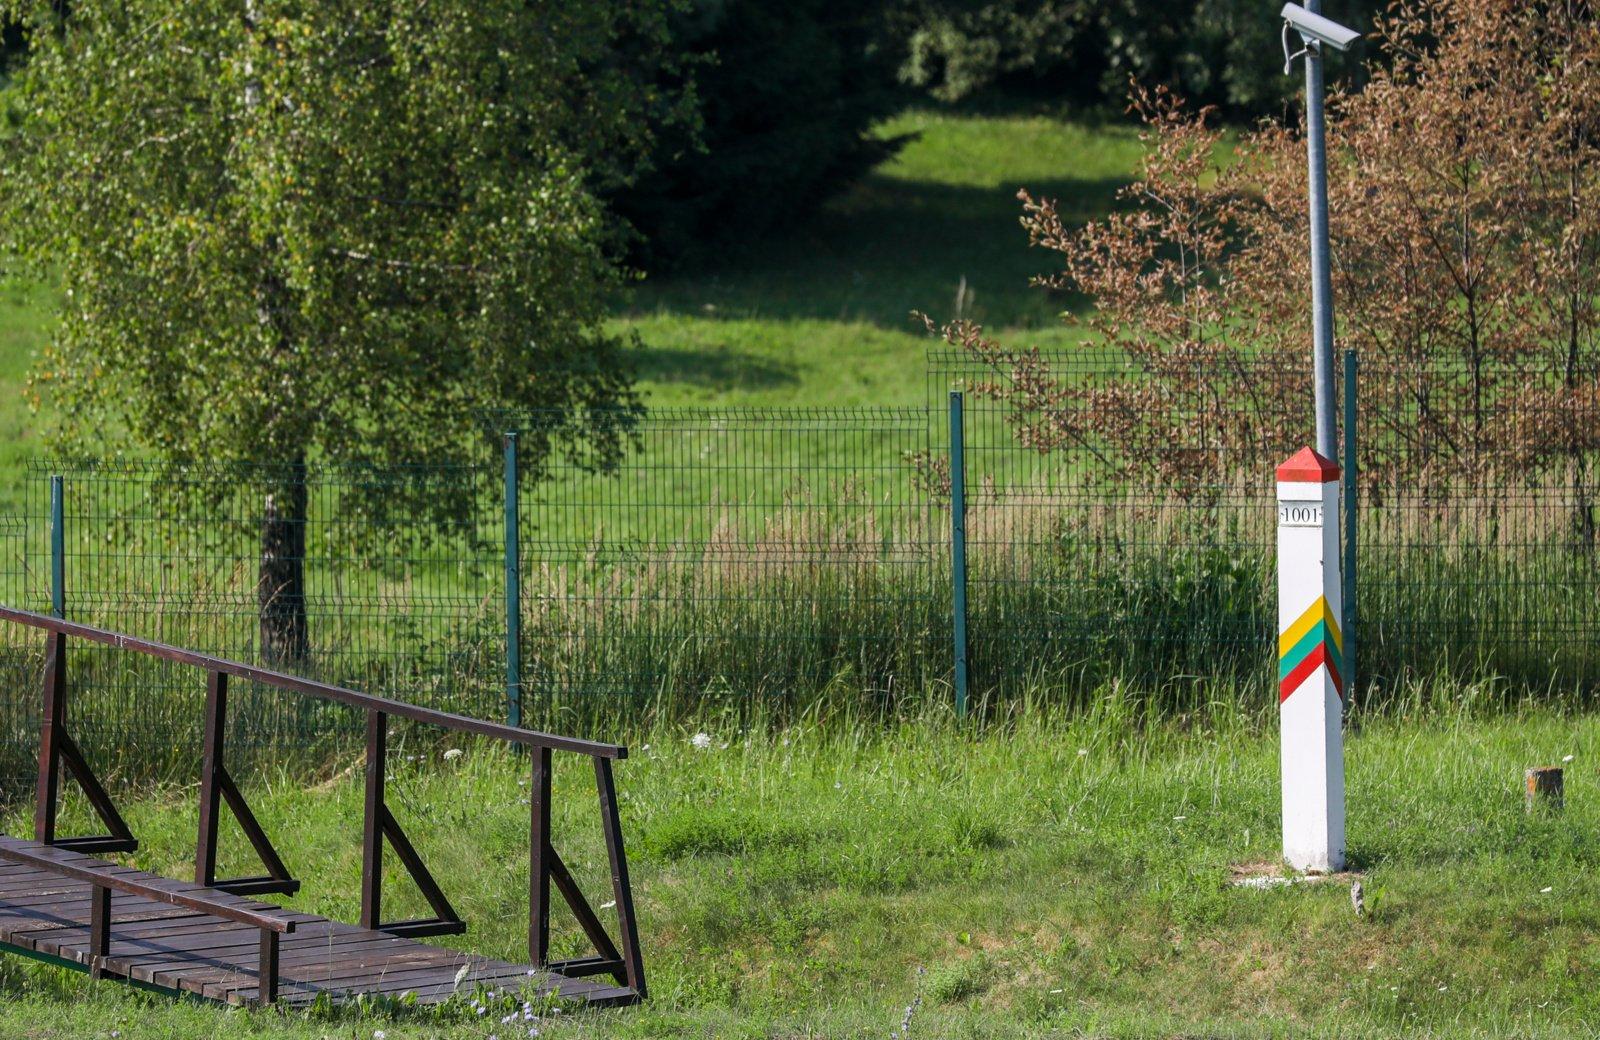 Naktį penki dokumentų neturėję užsieniečiai praleido Puškų užkardoje; įvykis tikslinamas